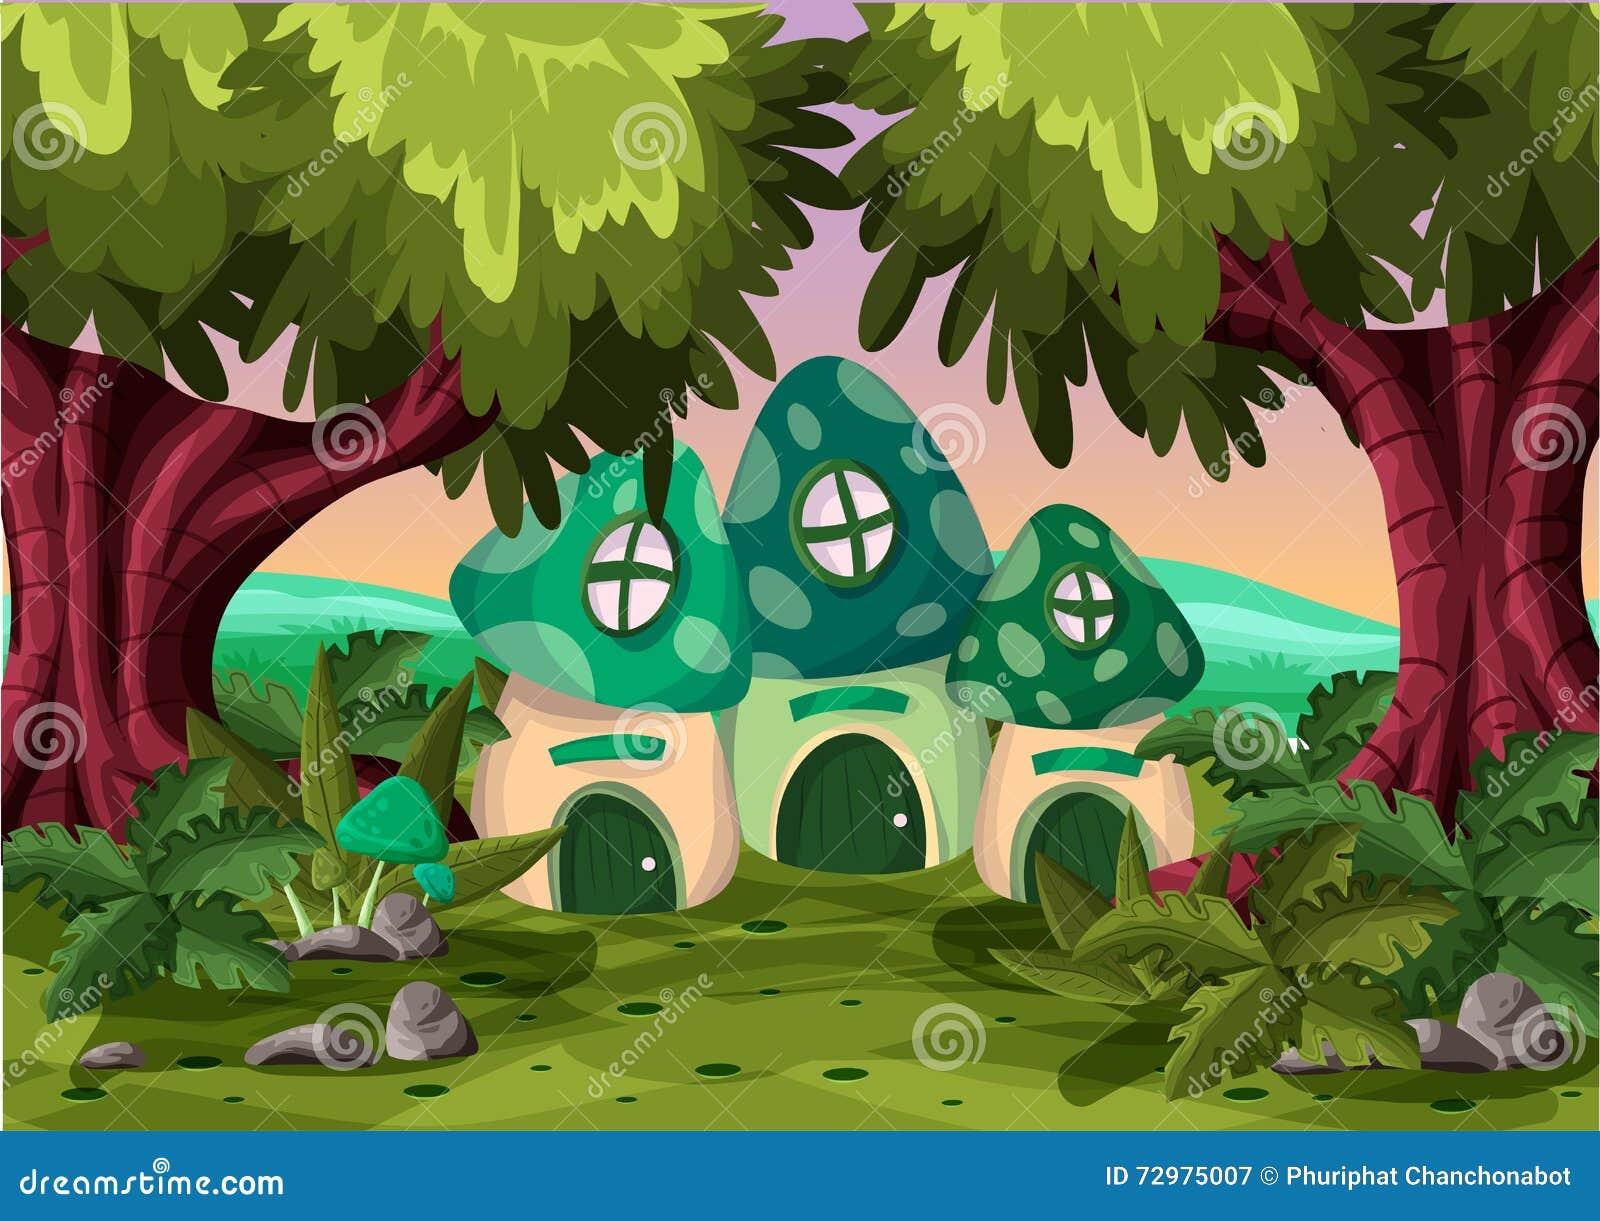 Cartoon Mushroom House On The Grass Forest Vector